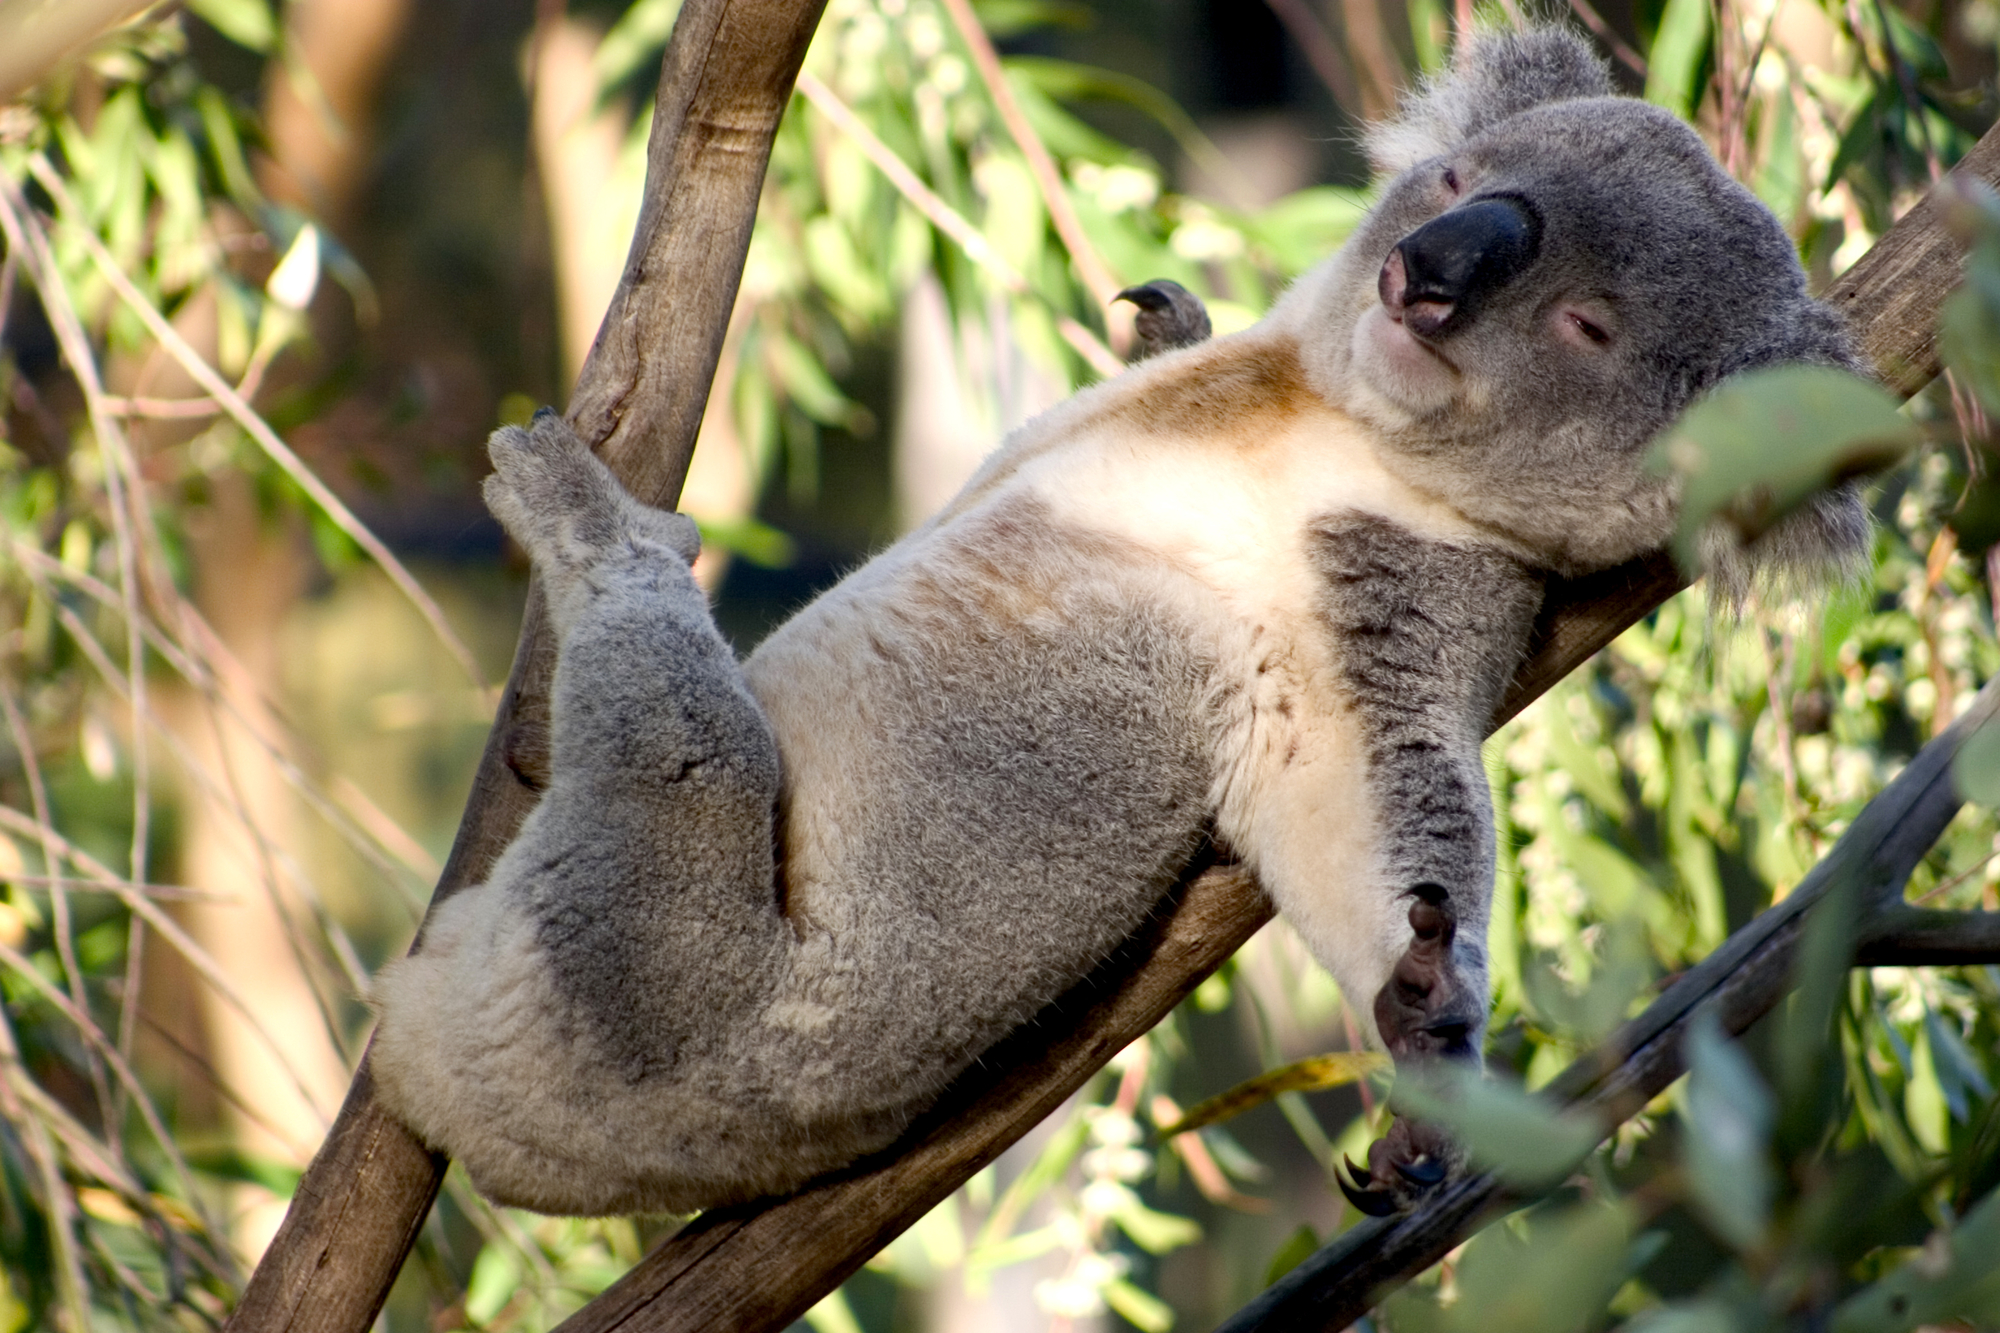 Удивительные австралийские животные помогают учёным понять эволюционные процессы.